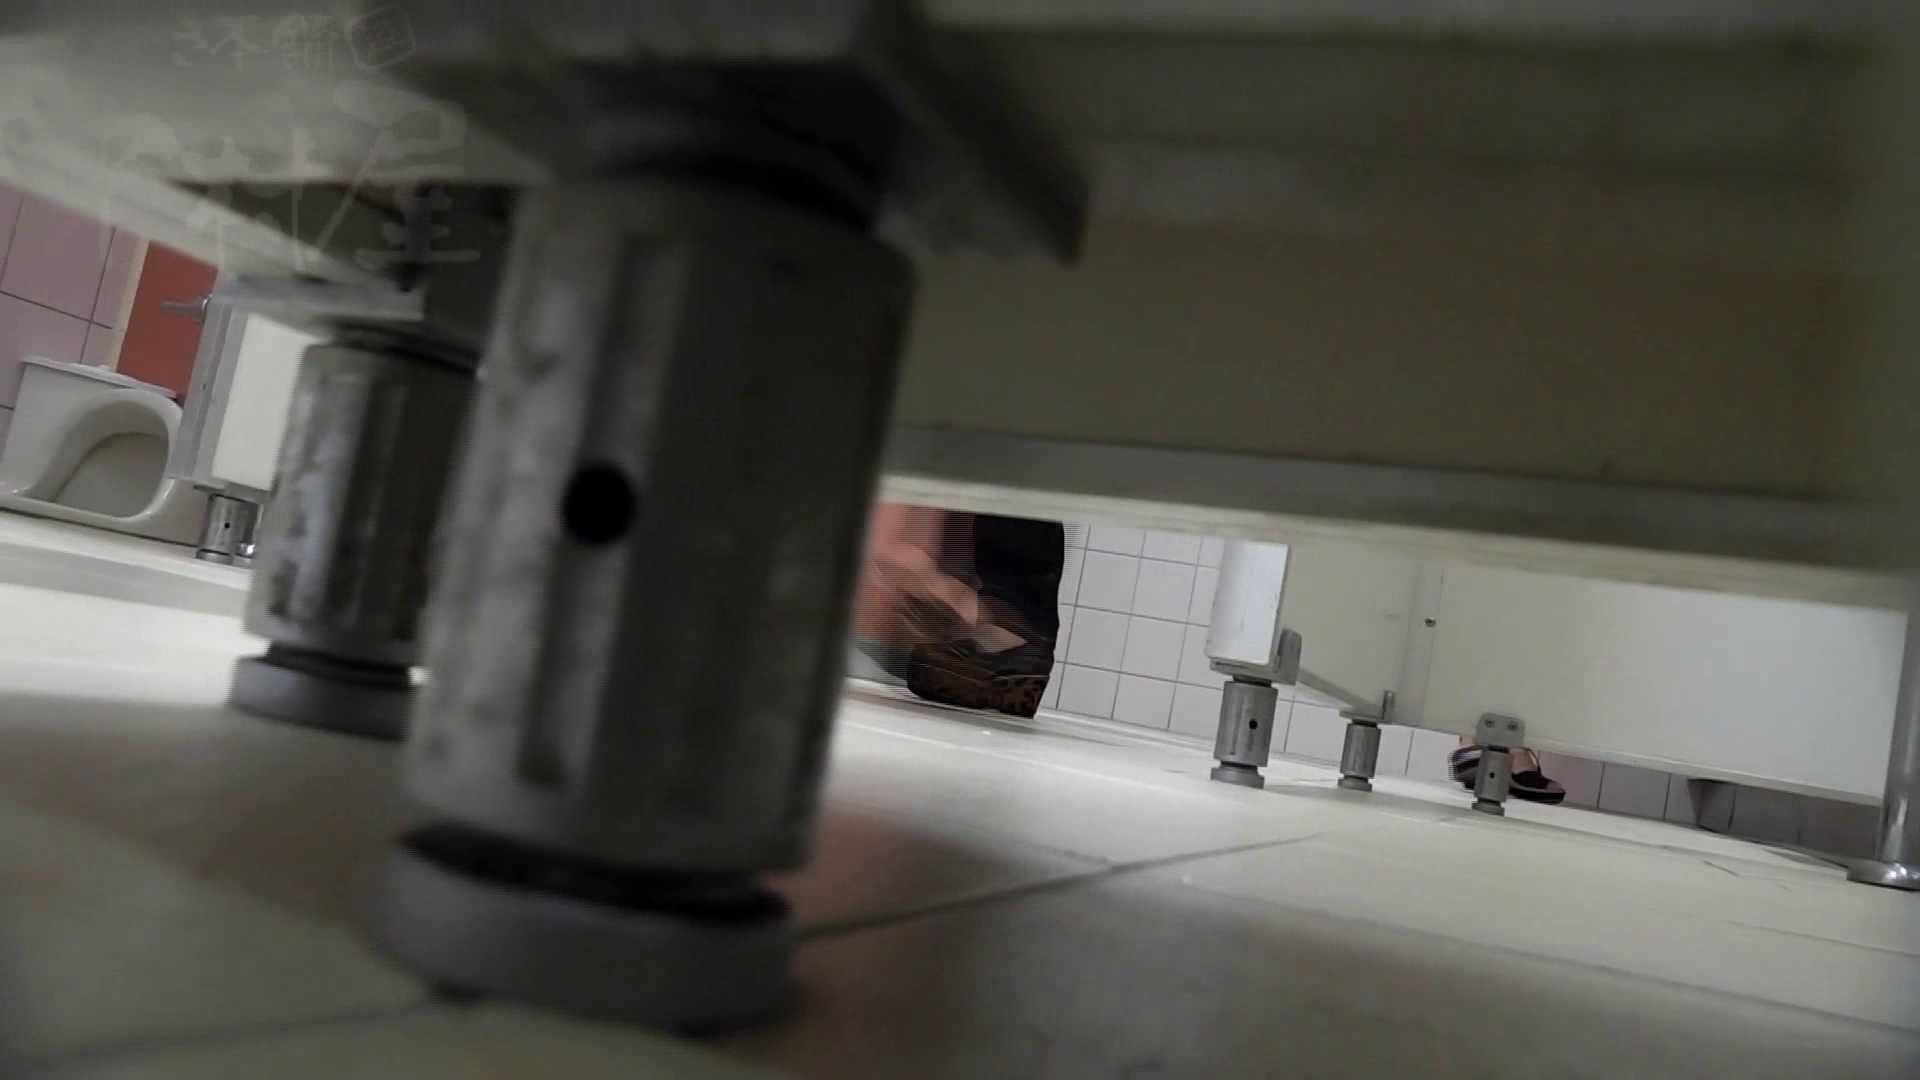 美しい日本の未来 No.29 豹柄サンダルはイ更●気味??? マンコエロすぎ オマンコ無修正動画無料 111PIX 39